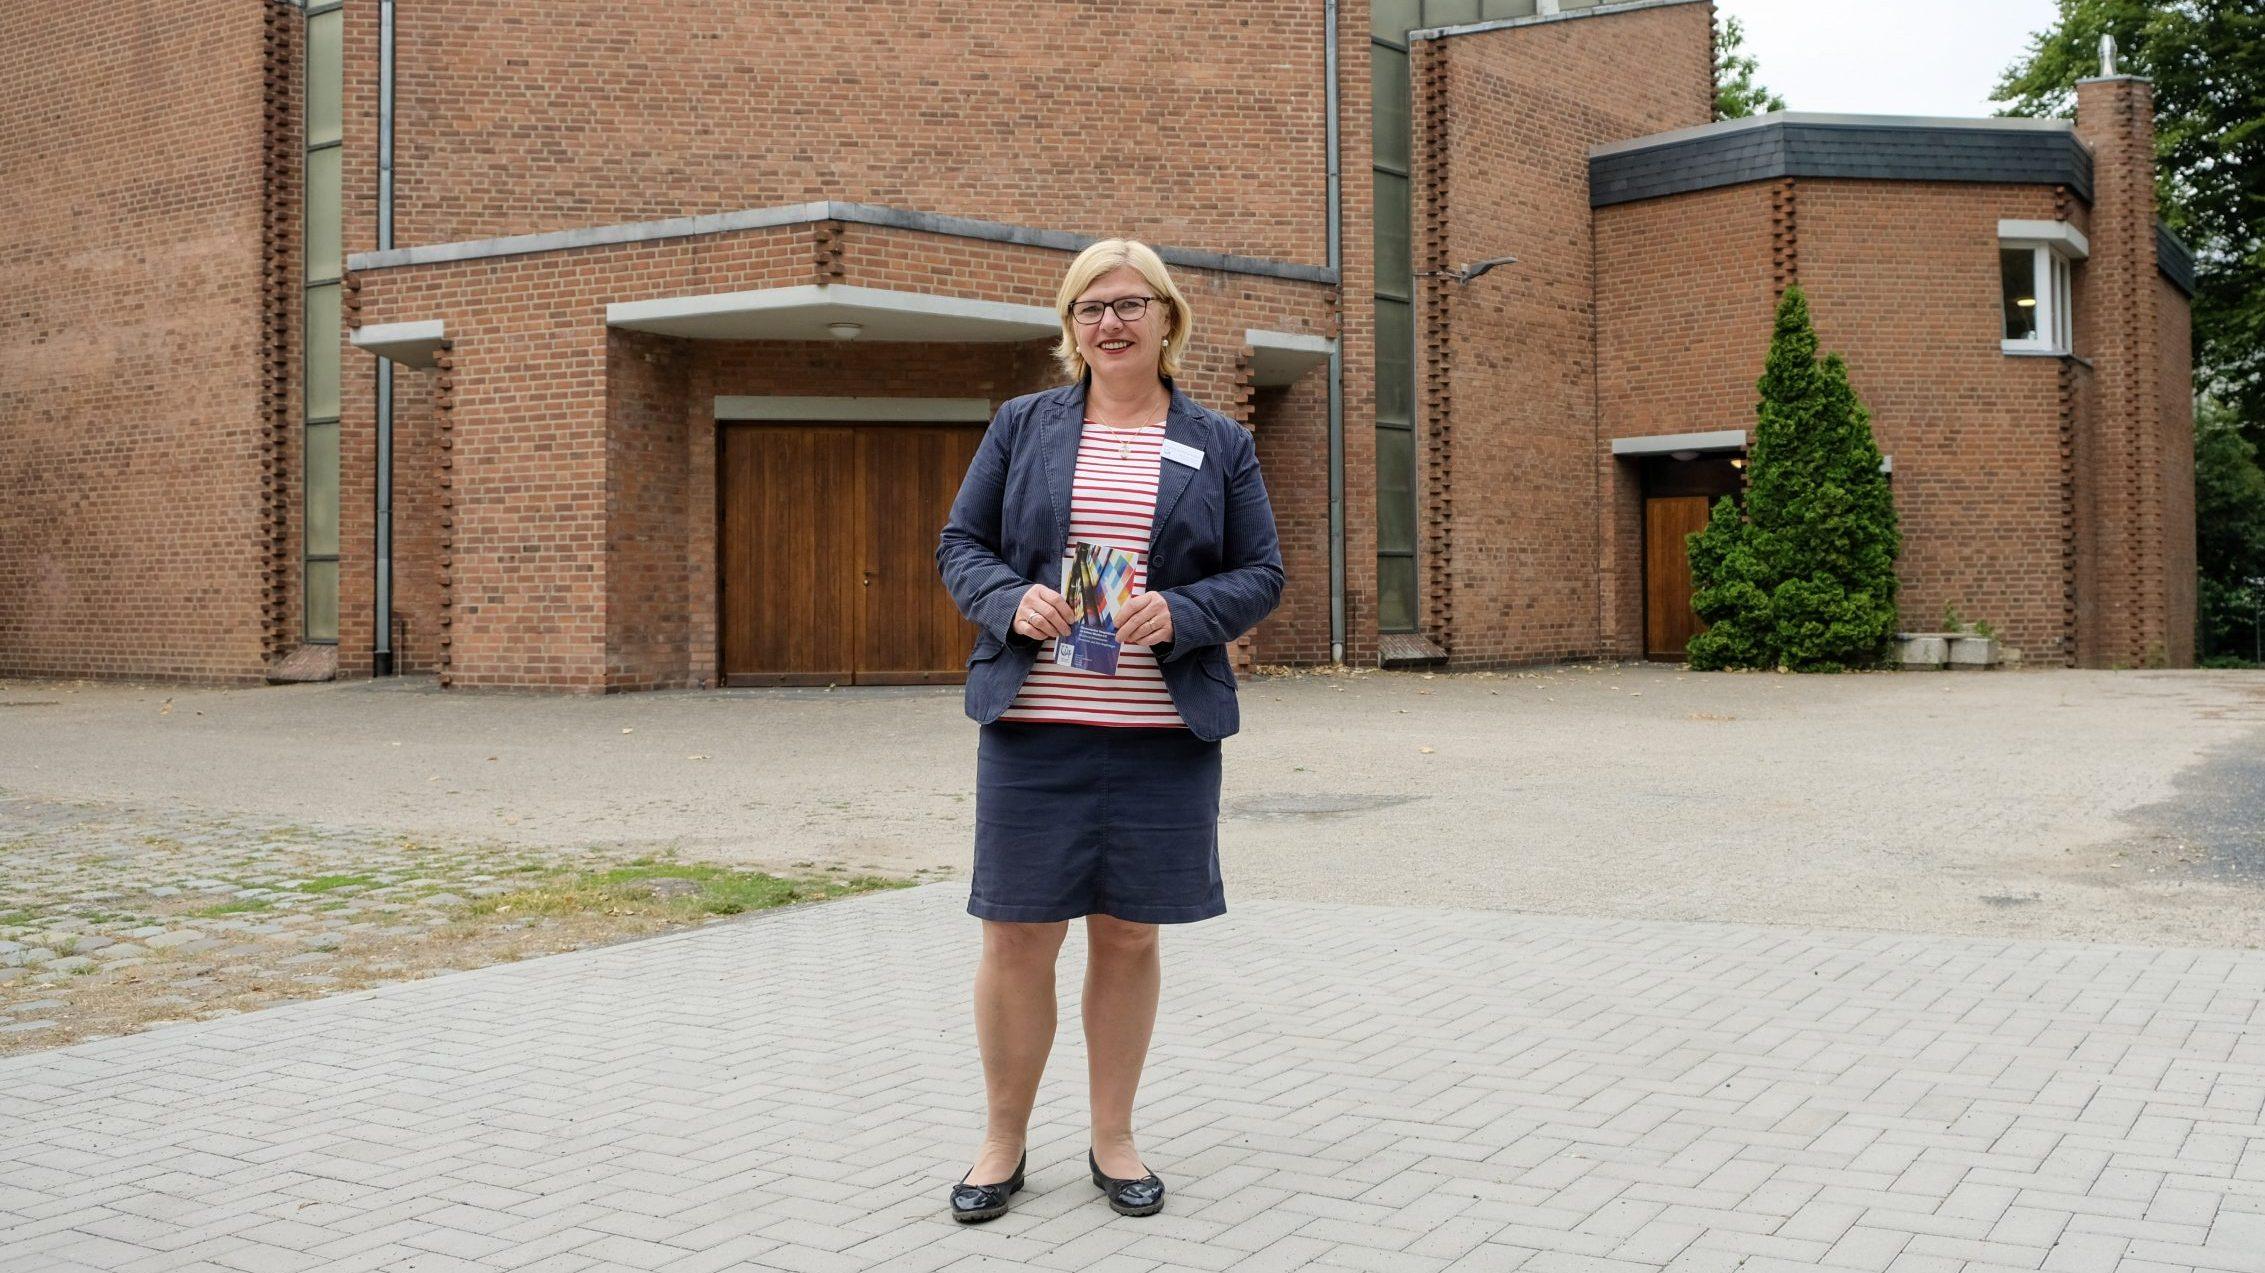 Ökumenischer Hospizdienst im Kölner Westen